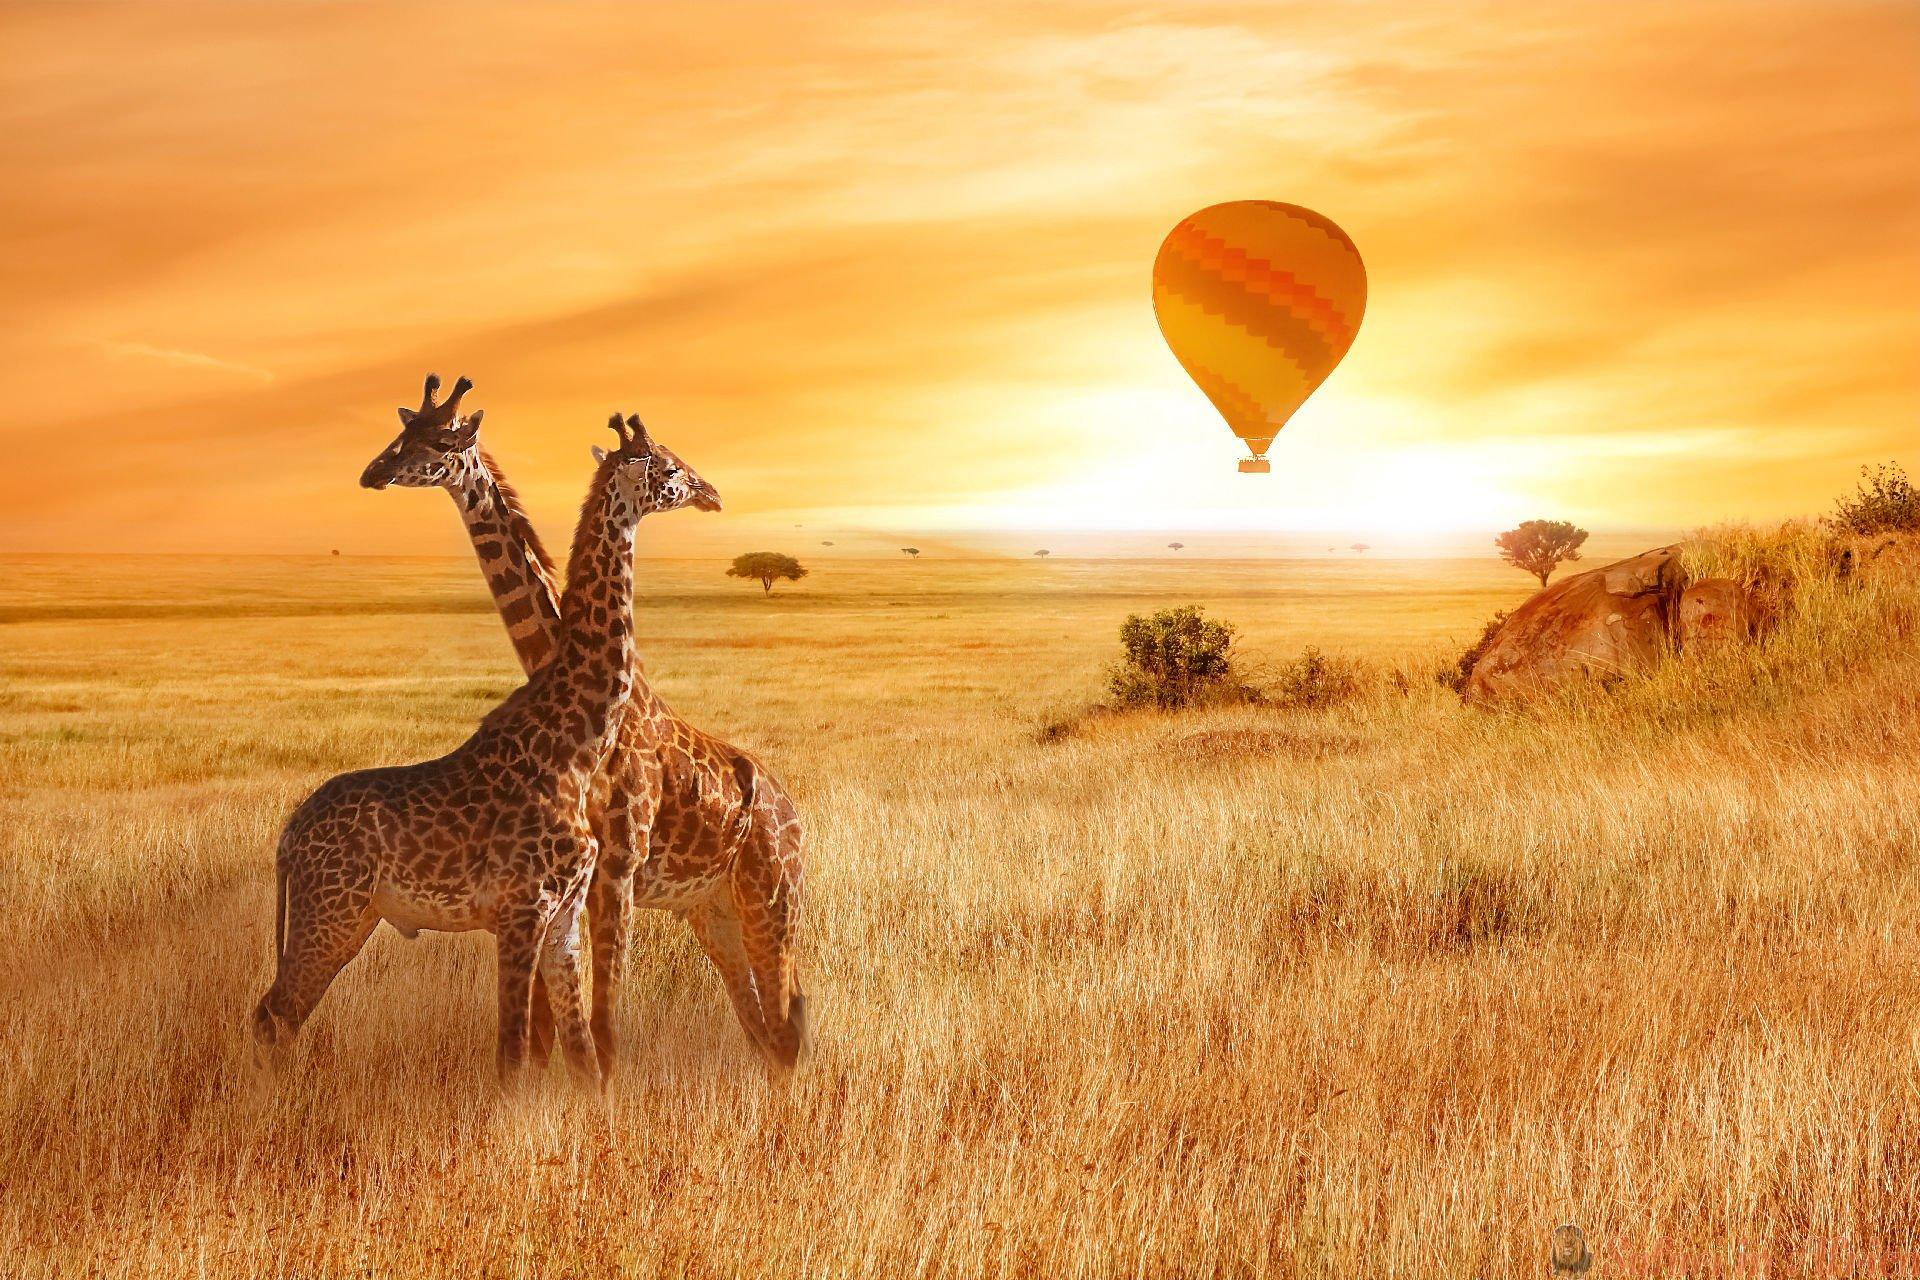 vlucht-van-een-ballon-in-de-lucht-boven-de-savanne